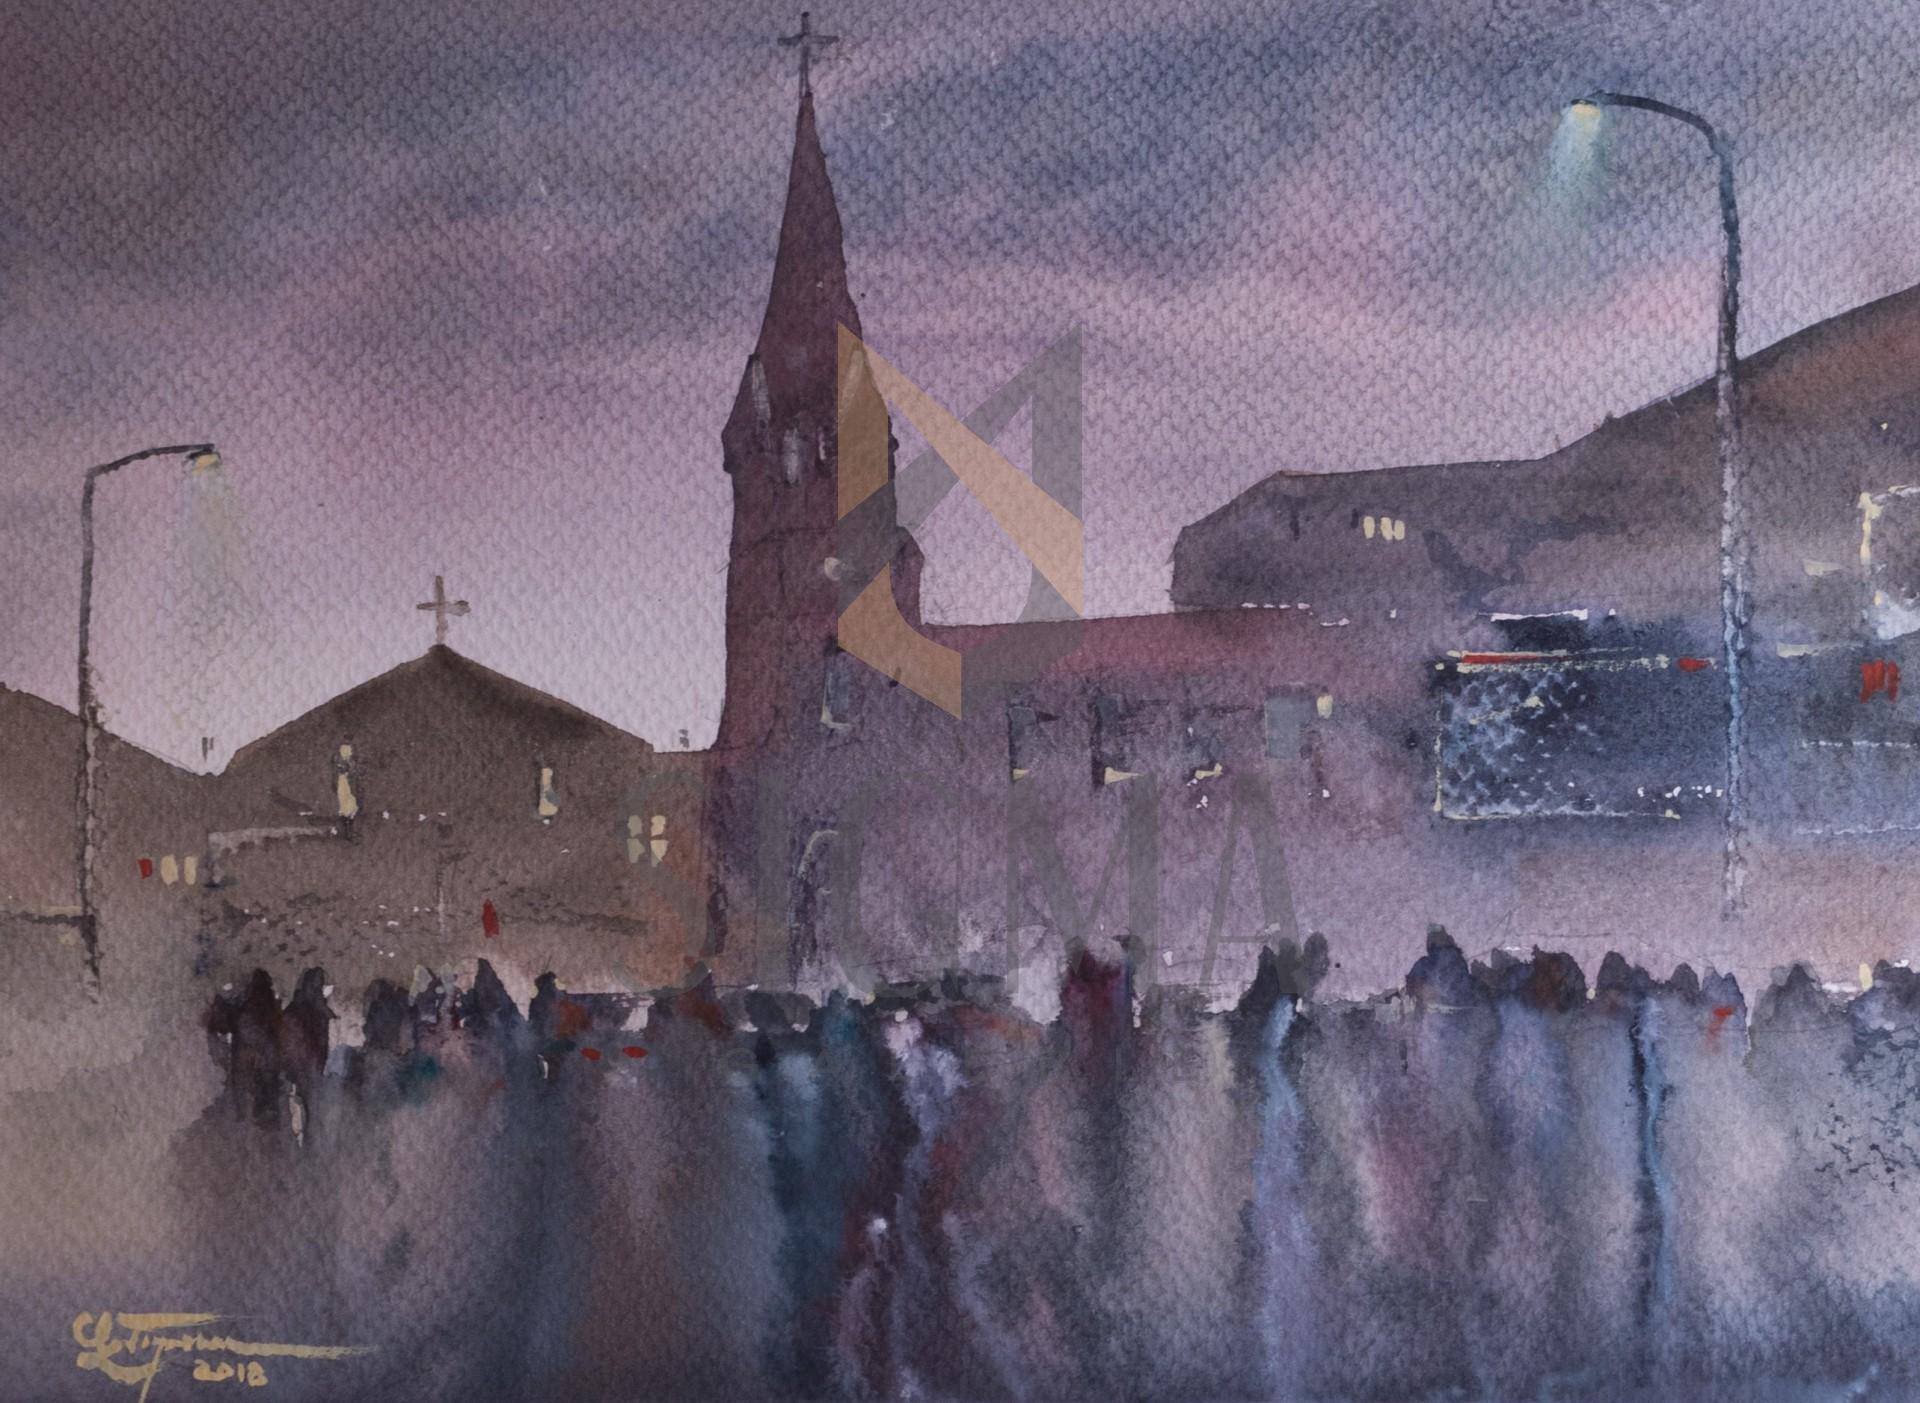 Tablou, Claudiu Popescu, - Studiu de atmosfera nocturna, Bucuresti, Biserica Baratia - acuarela, 27x37 cm